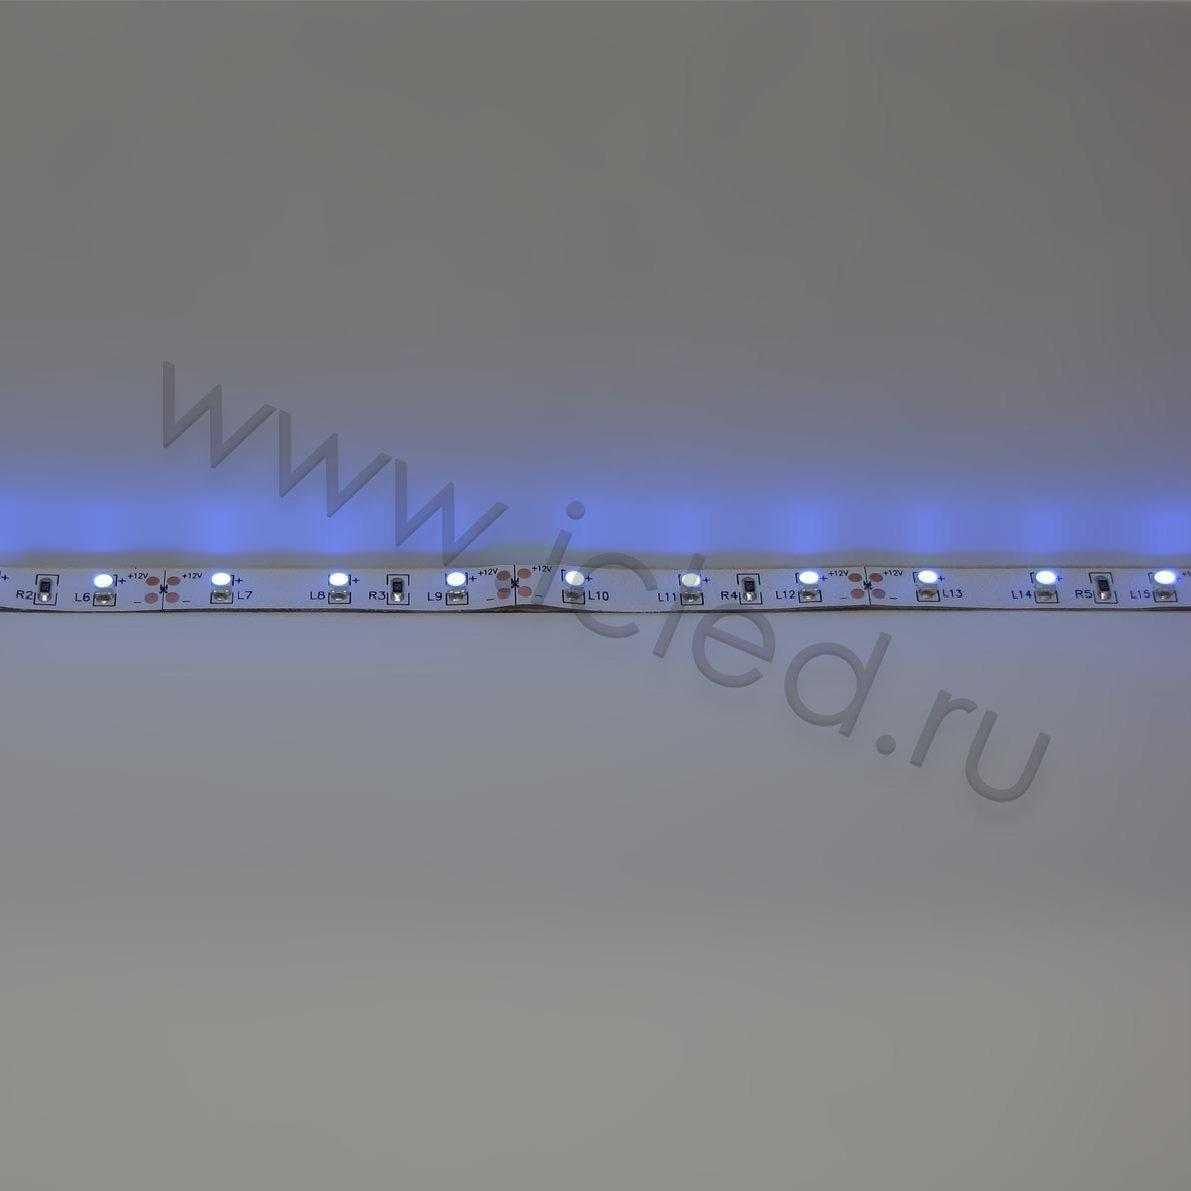 Светодиодная лента Class B, 3528, 60 led/m, UV, 12V, IP33